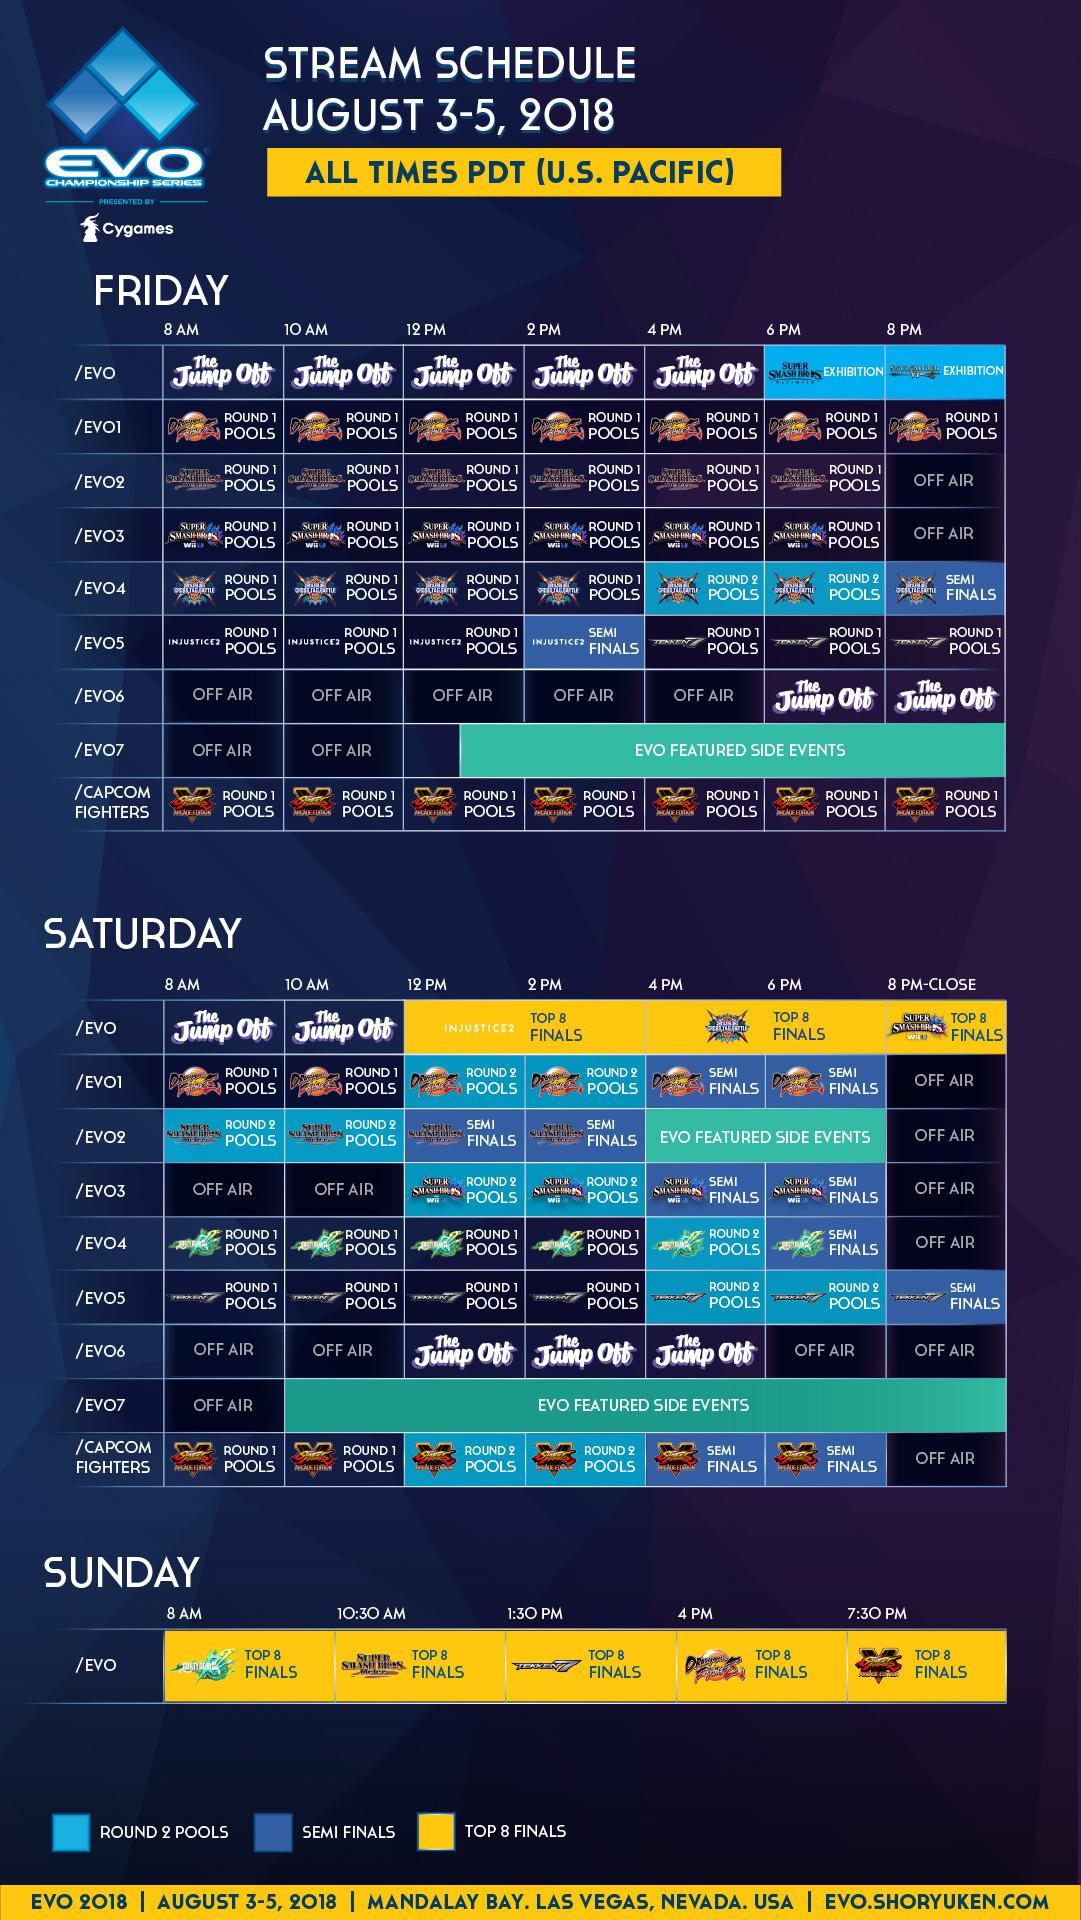 The EVO 2018 stream schedule